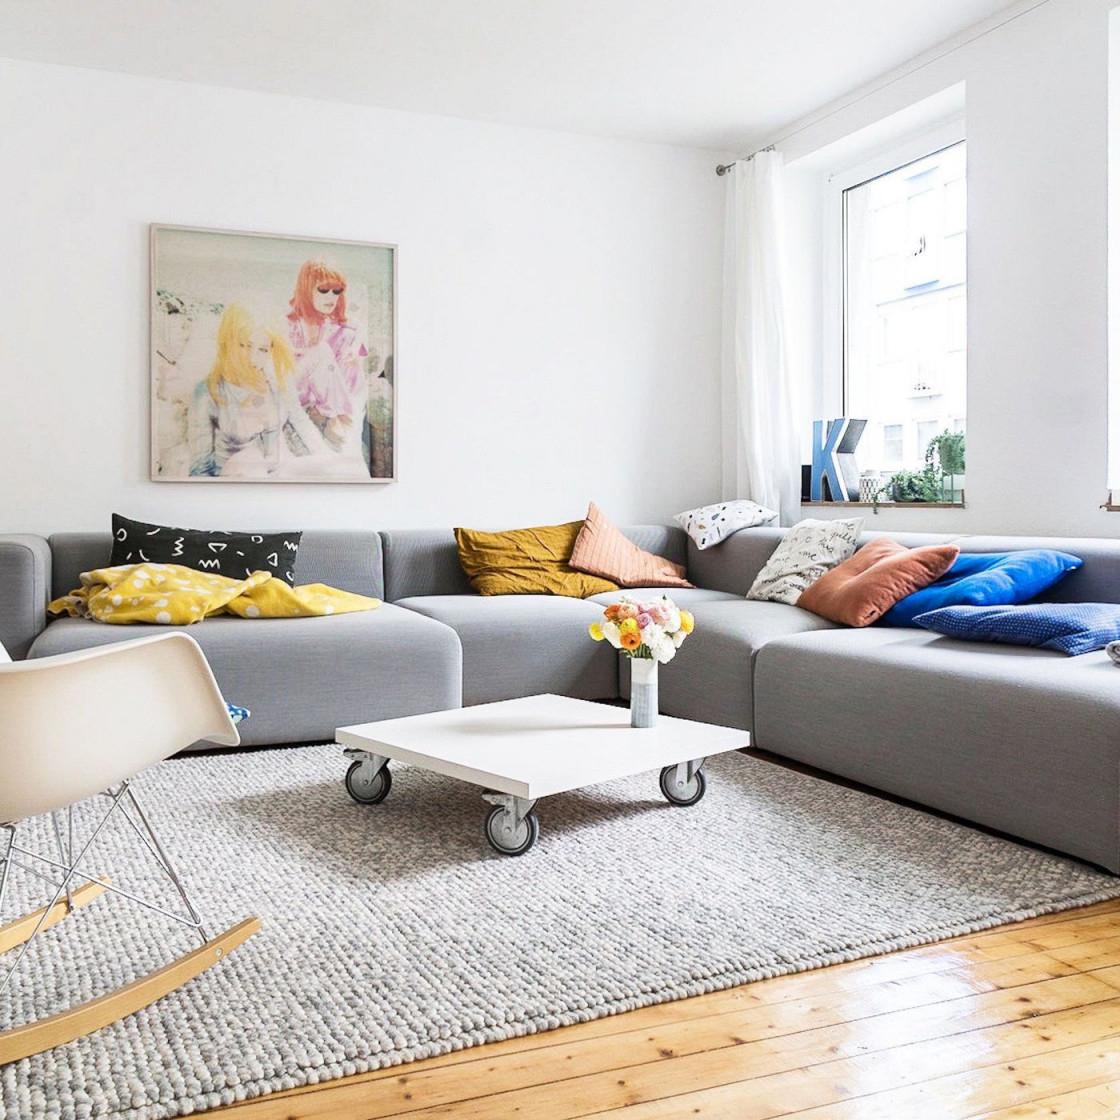 Wohnzimmer Die Schönsten Ideen von Wohnzimmer Neu Gestalten Photo